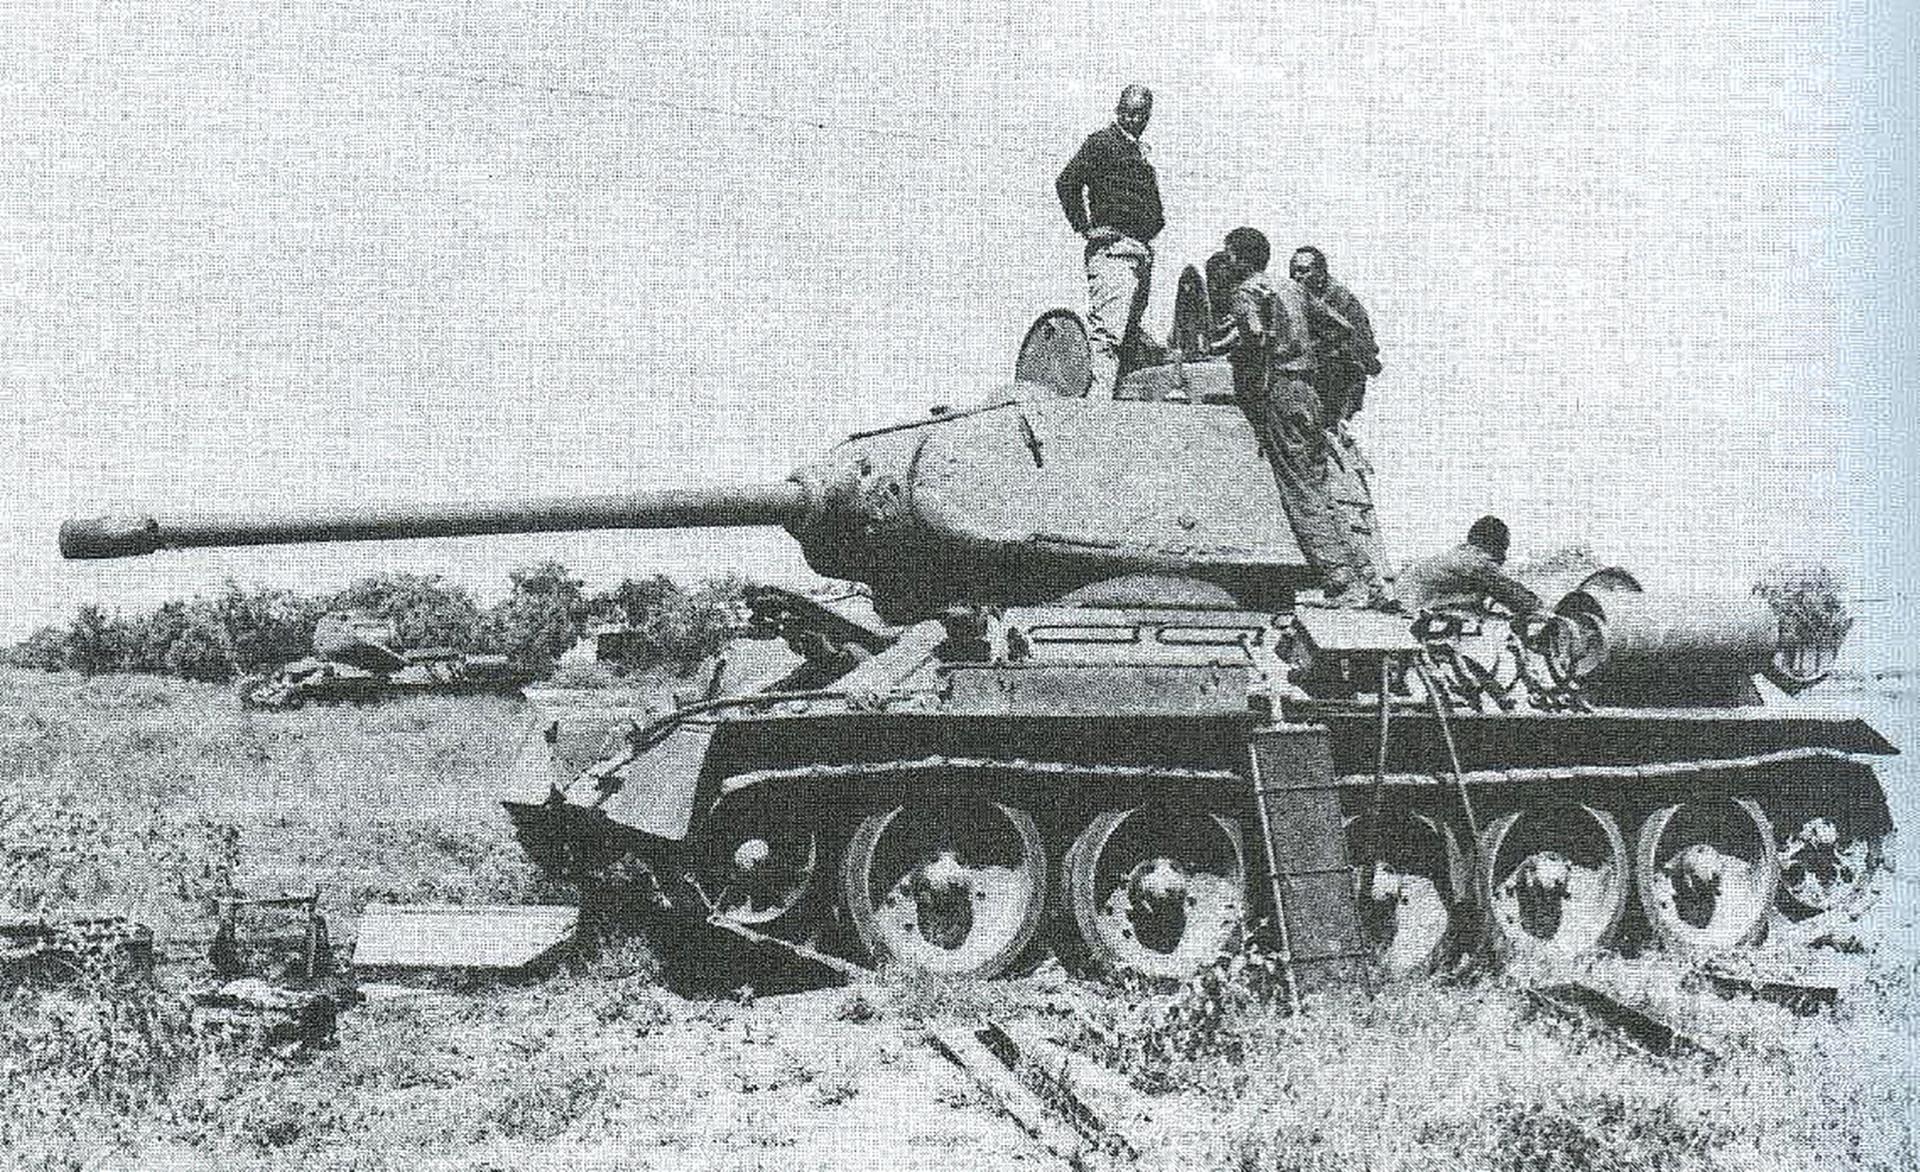 Močno poškodovan tank T-34 somalijske ljudske vojske med popravili